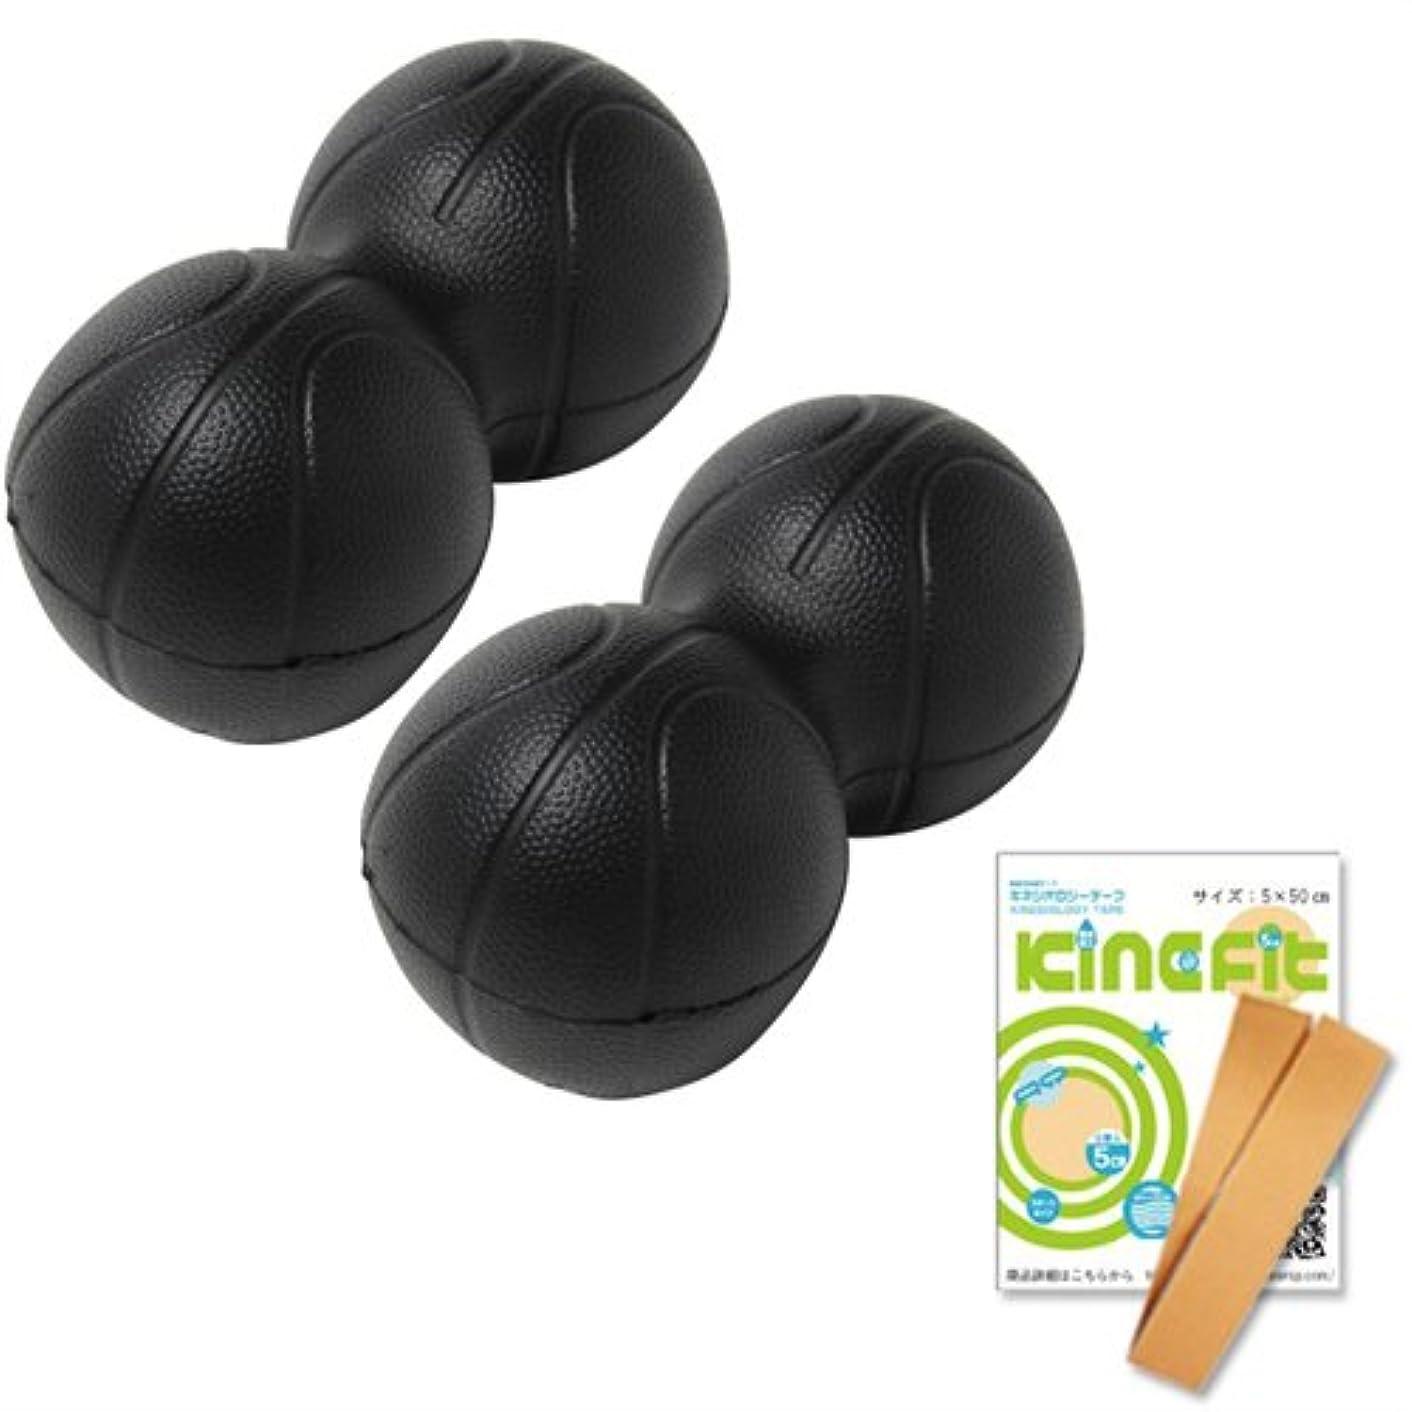 裁判官クレタ地下室パワーポジションボール ×2個セット + キネシオロジーテープ キネフィットお試し用50cm セット